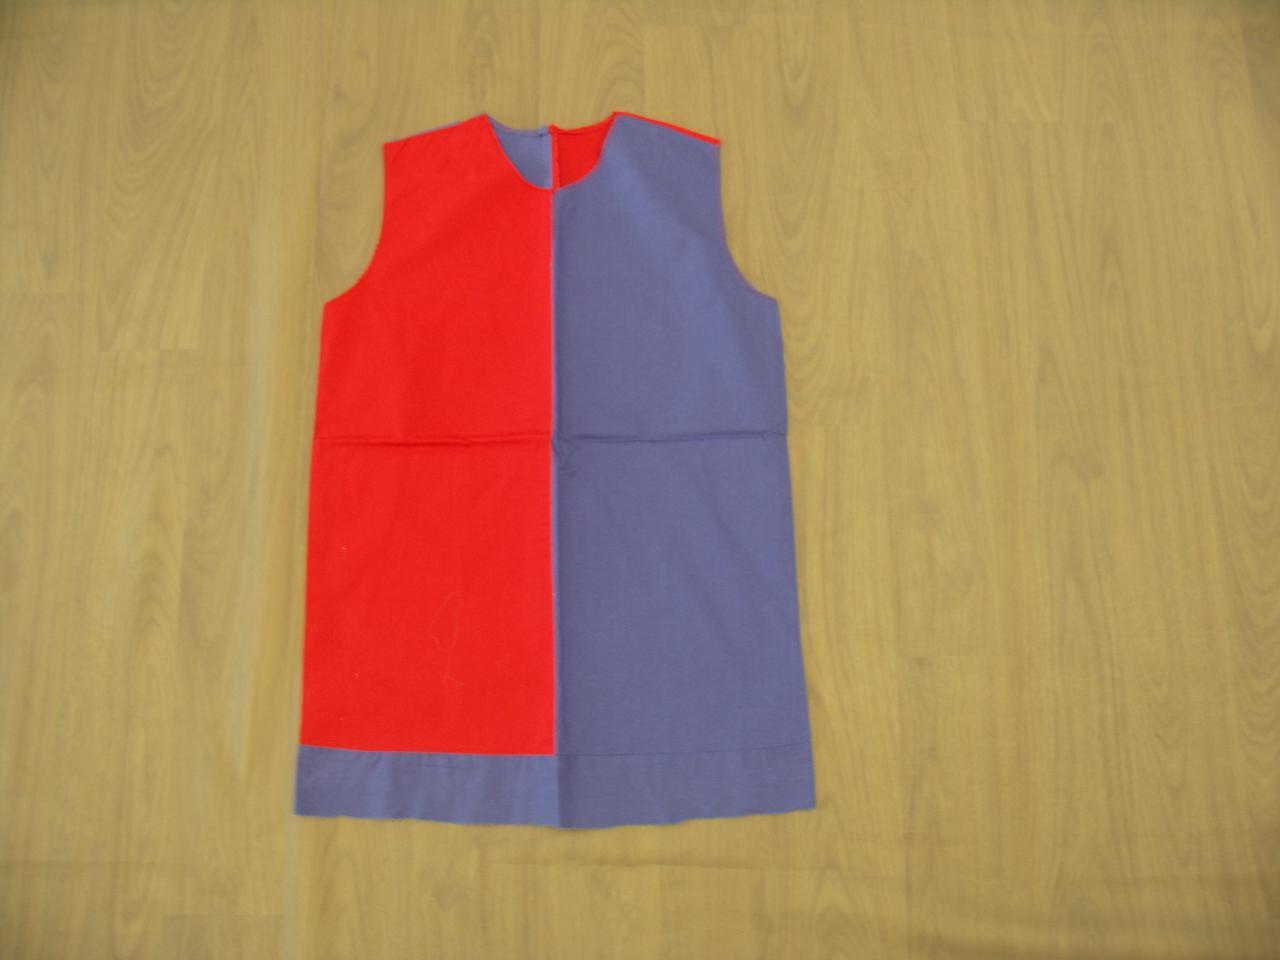 Hauts sans manches bicolore rouges et bleu/violet - 8/10ans